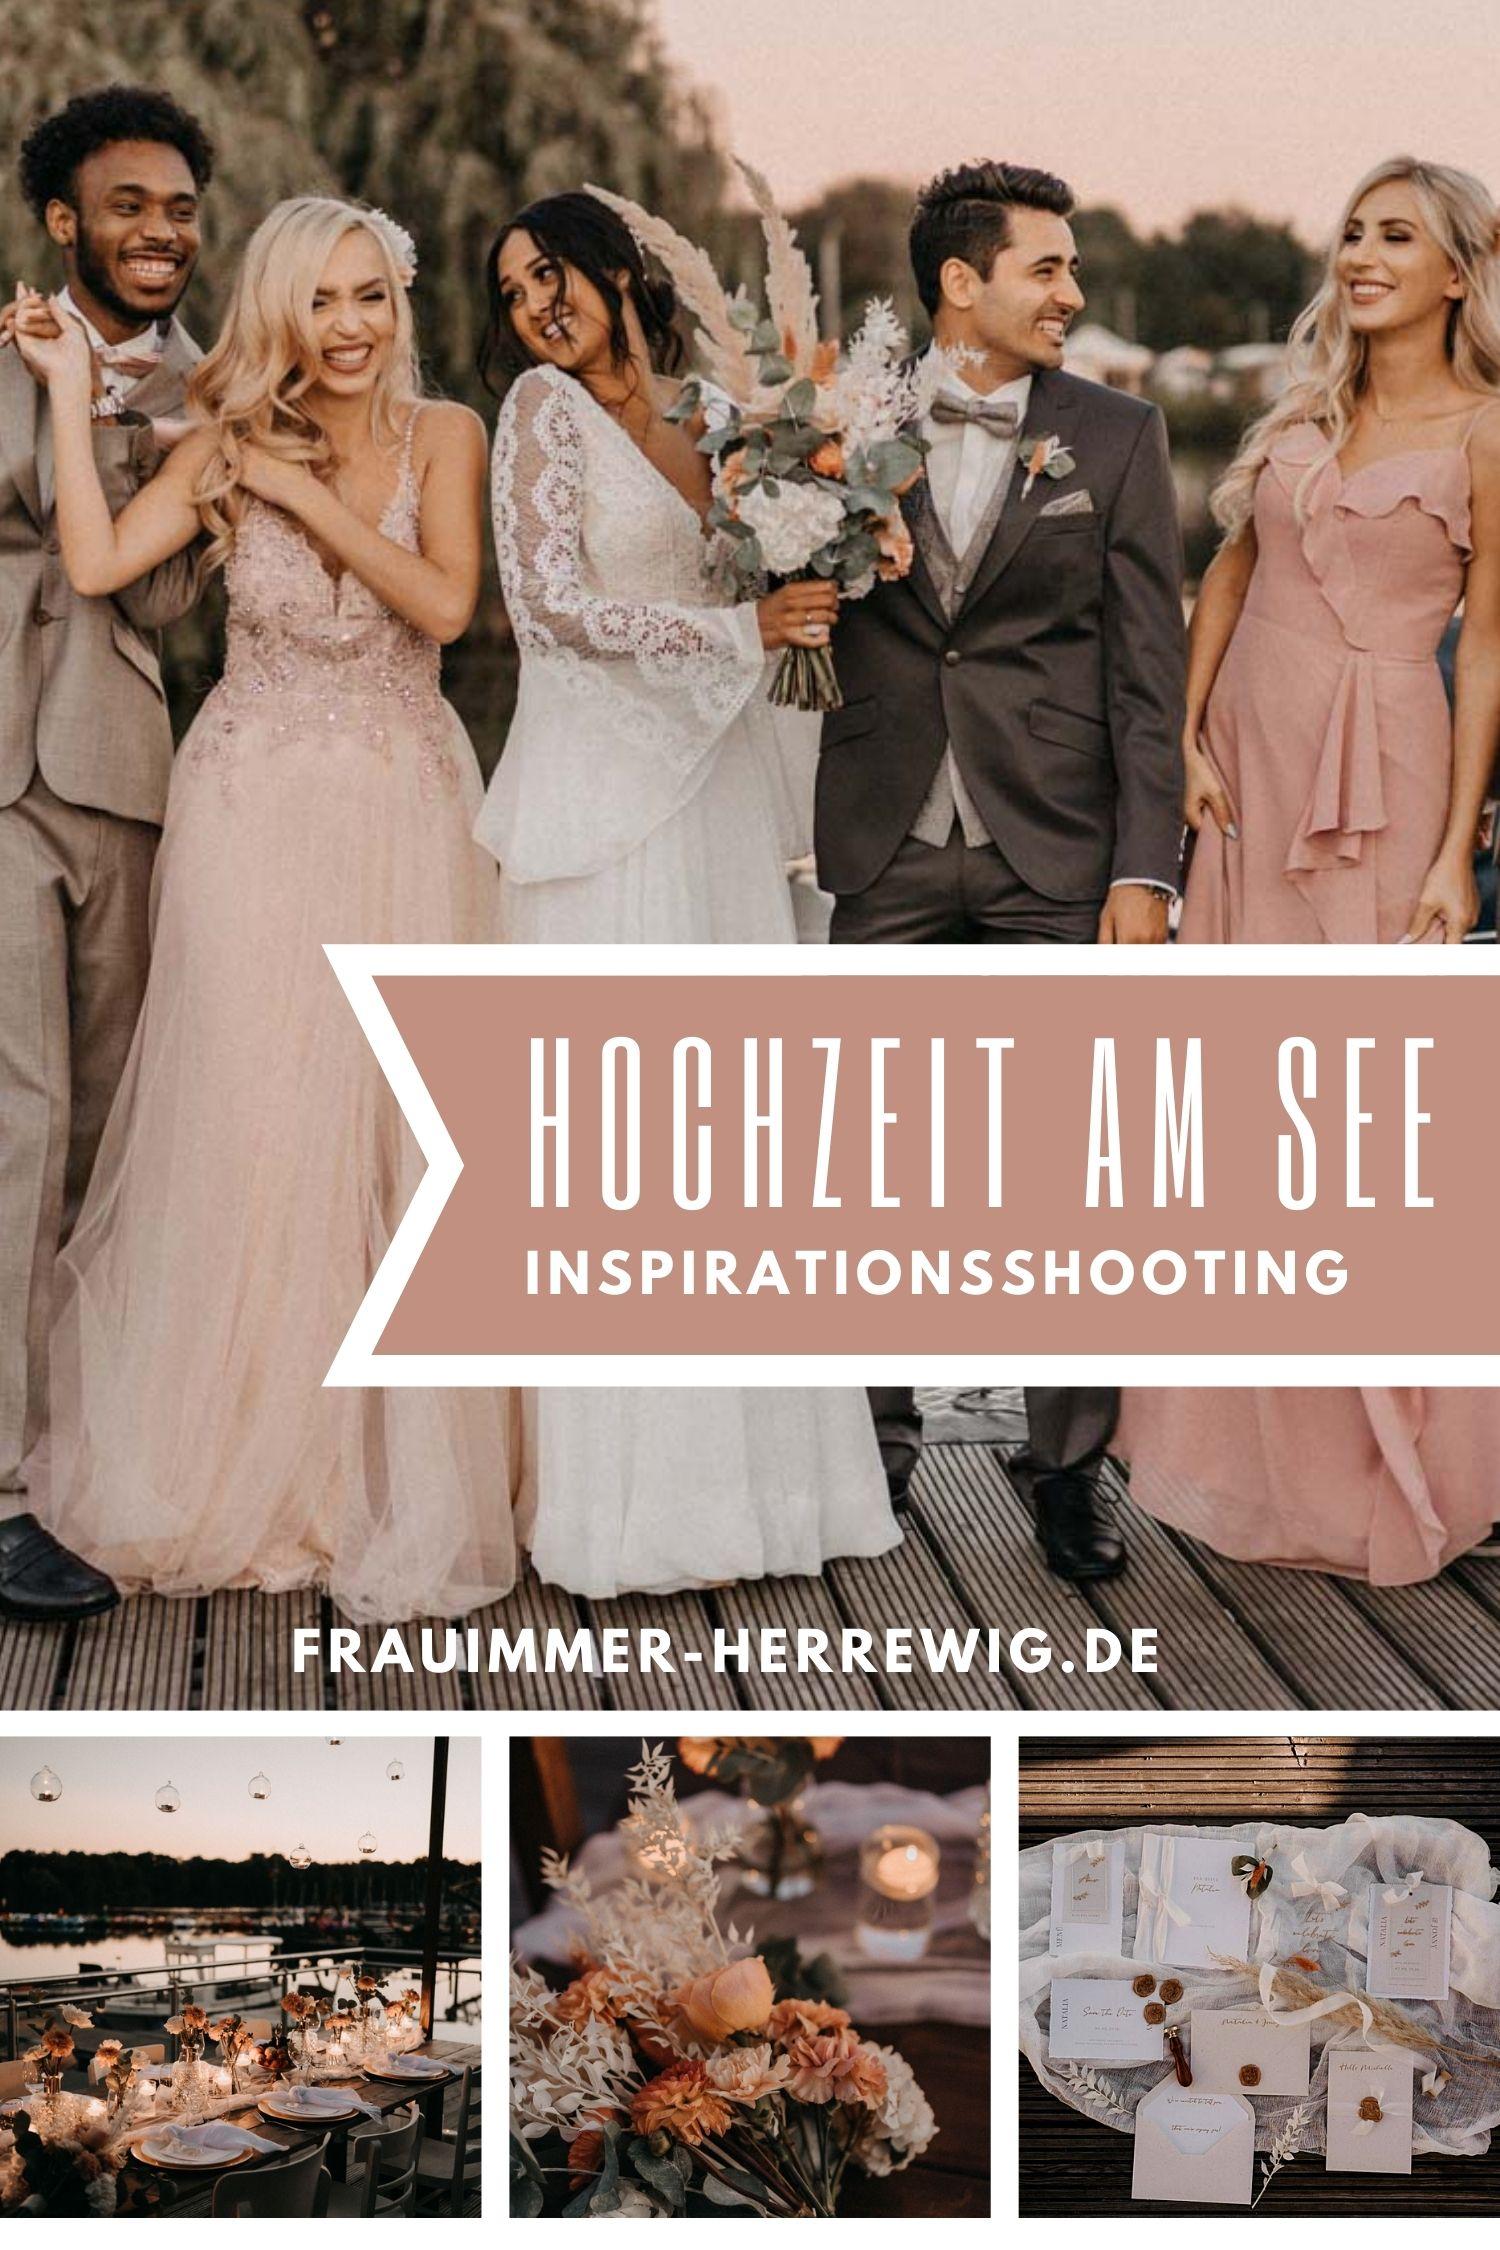 Hochzeit am see – gesehen bei frauimmer-herrewig.de